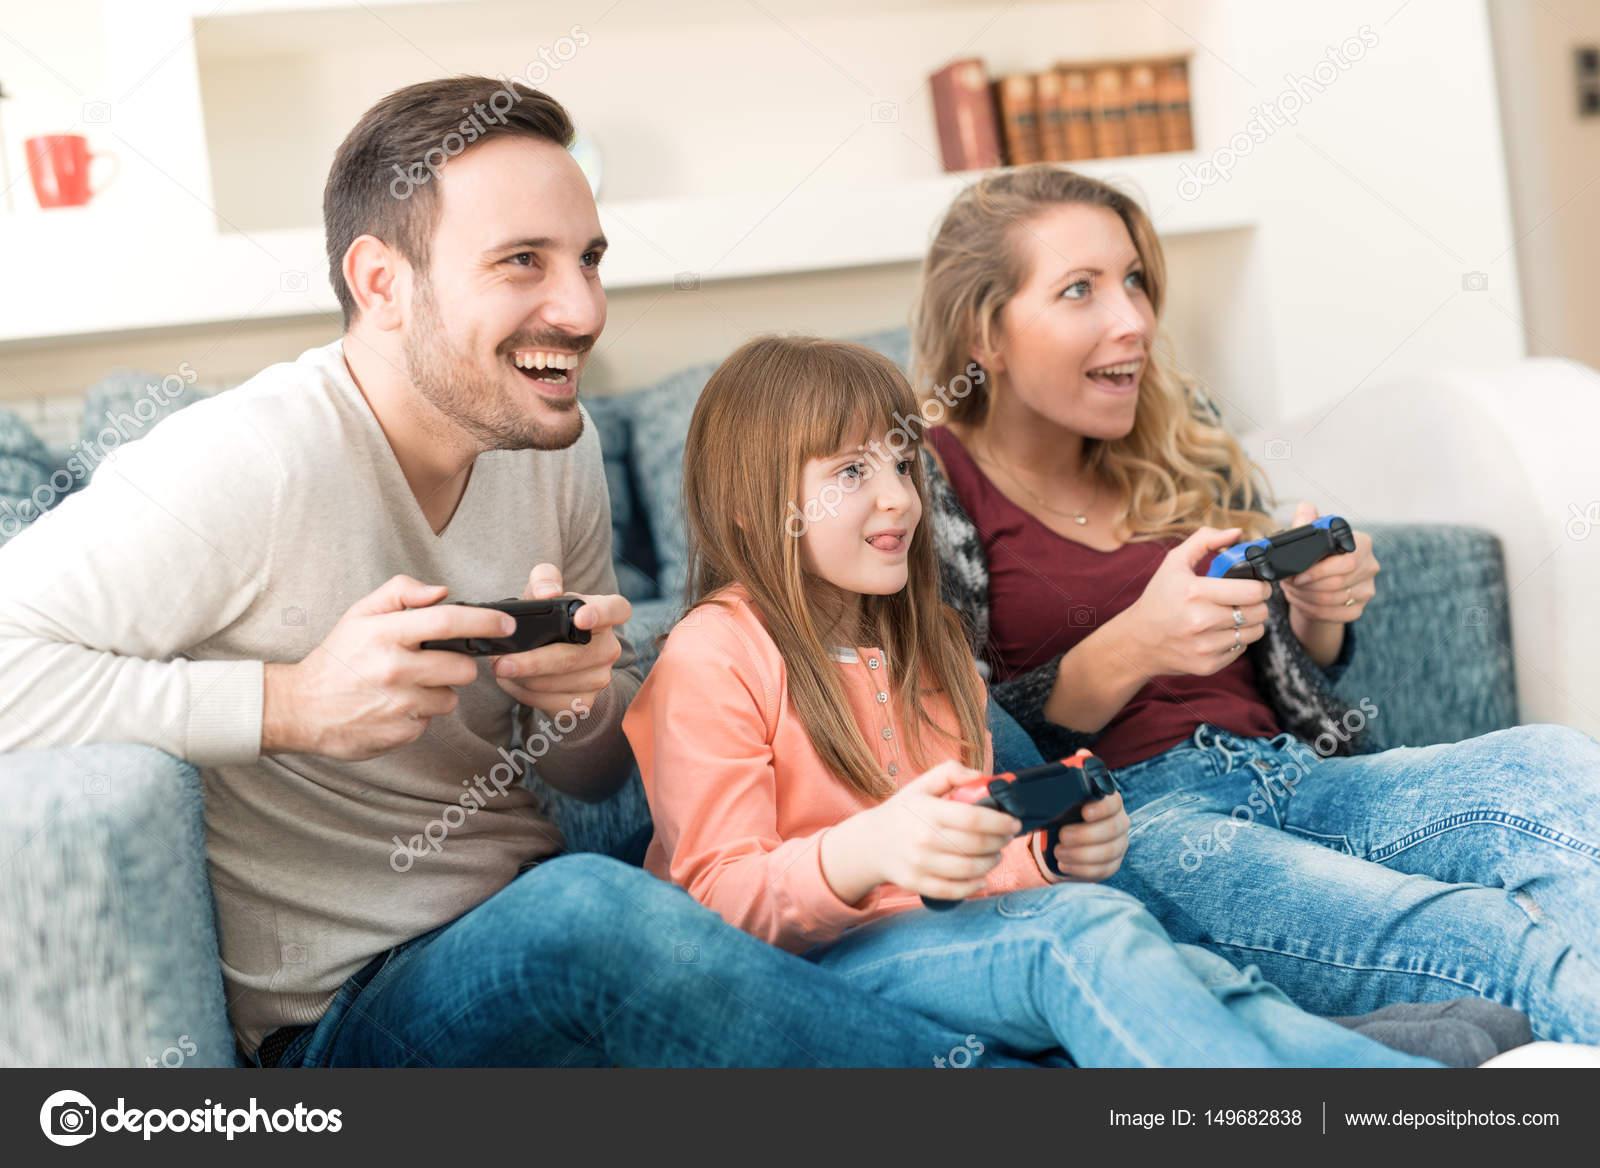 Familia Divertido Juegos De Video Foto De Stock C Ivanko1980